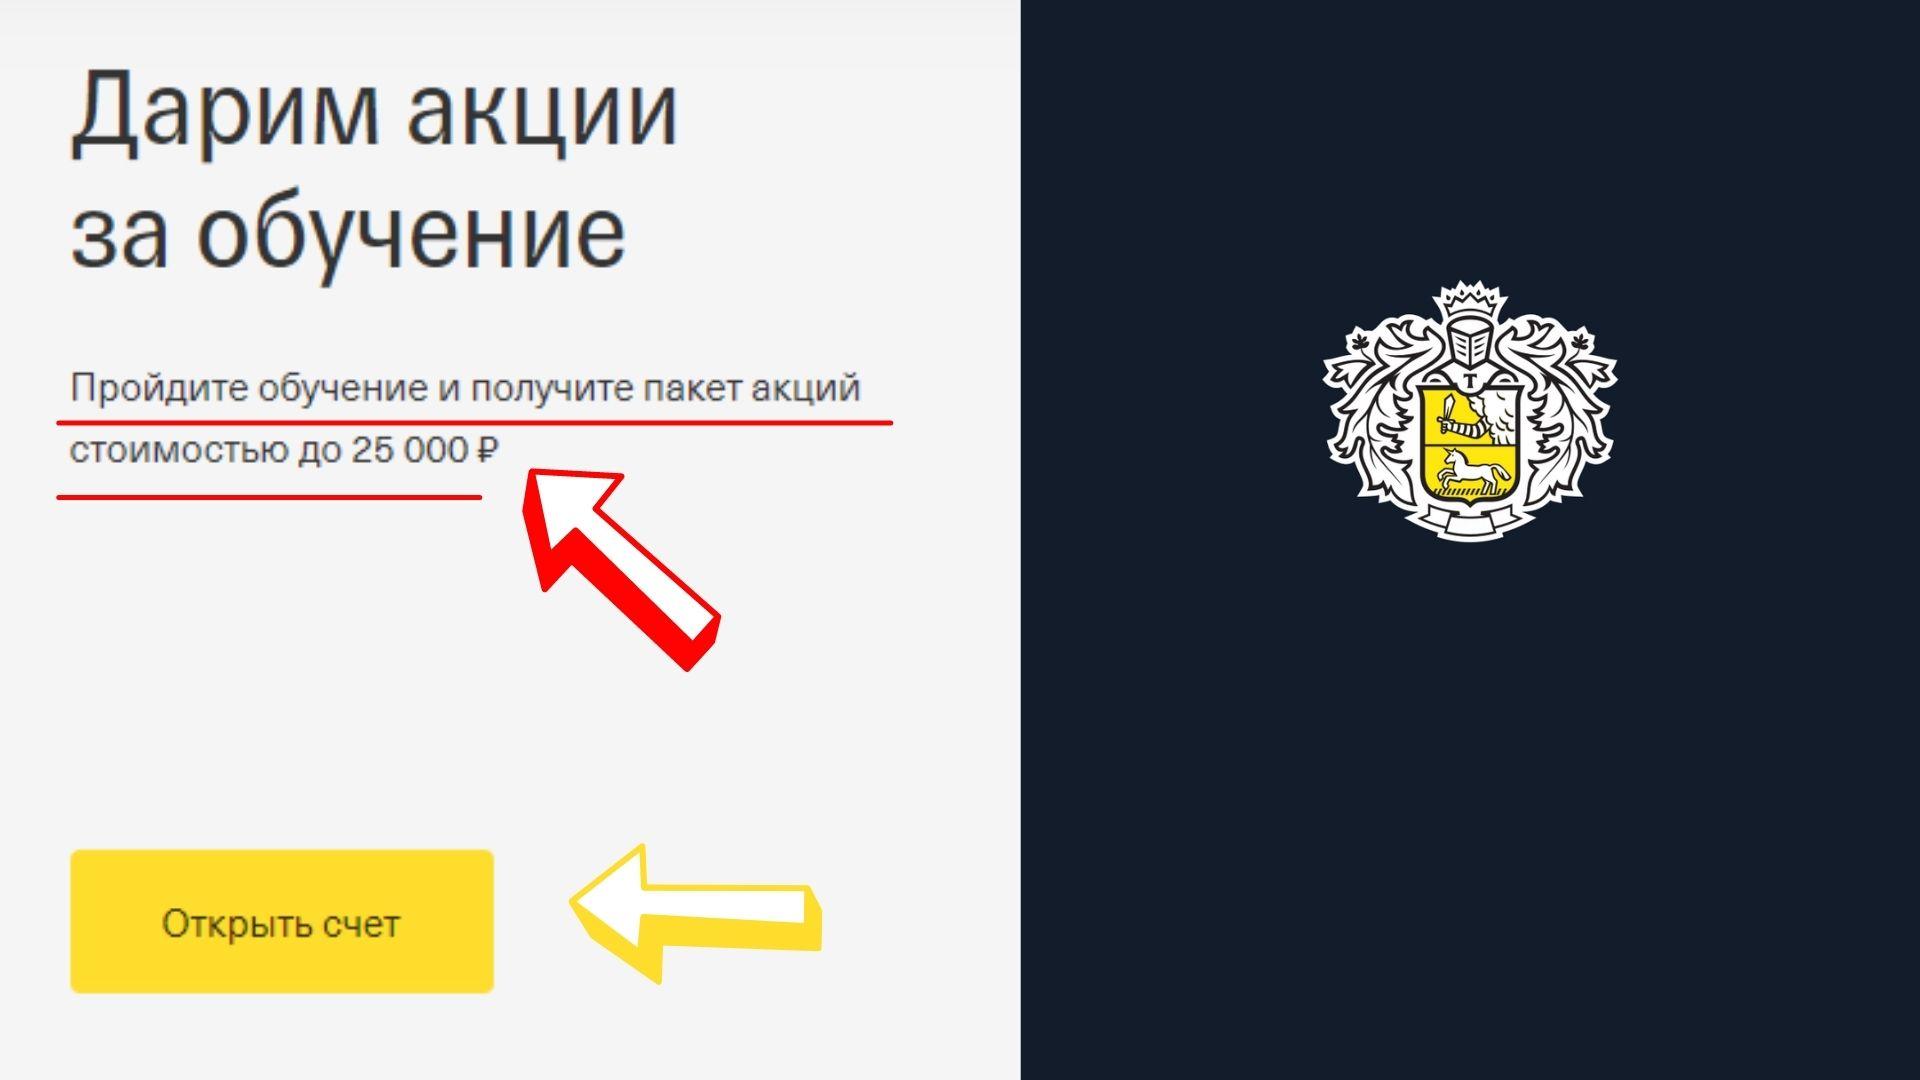 Как купить акции Яндекса физическому лицу. Обучение